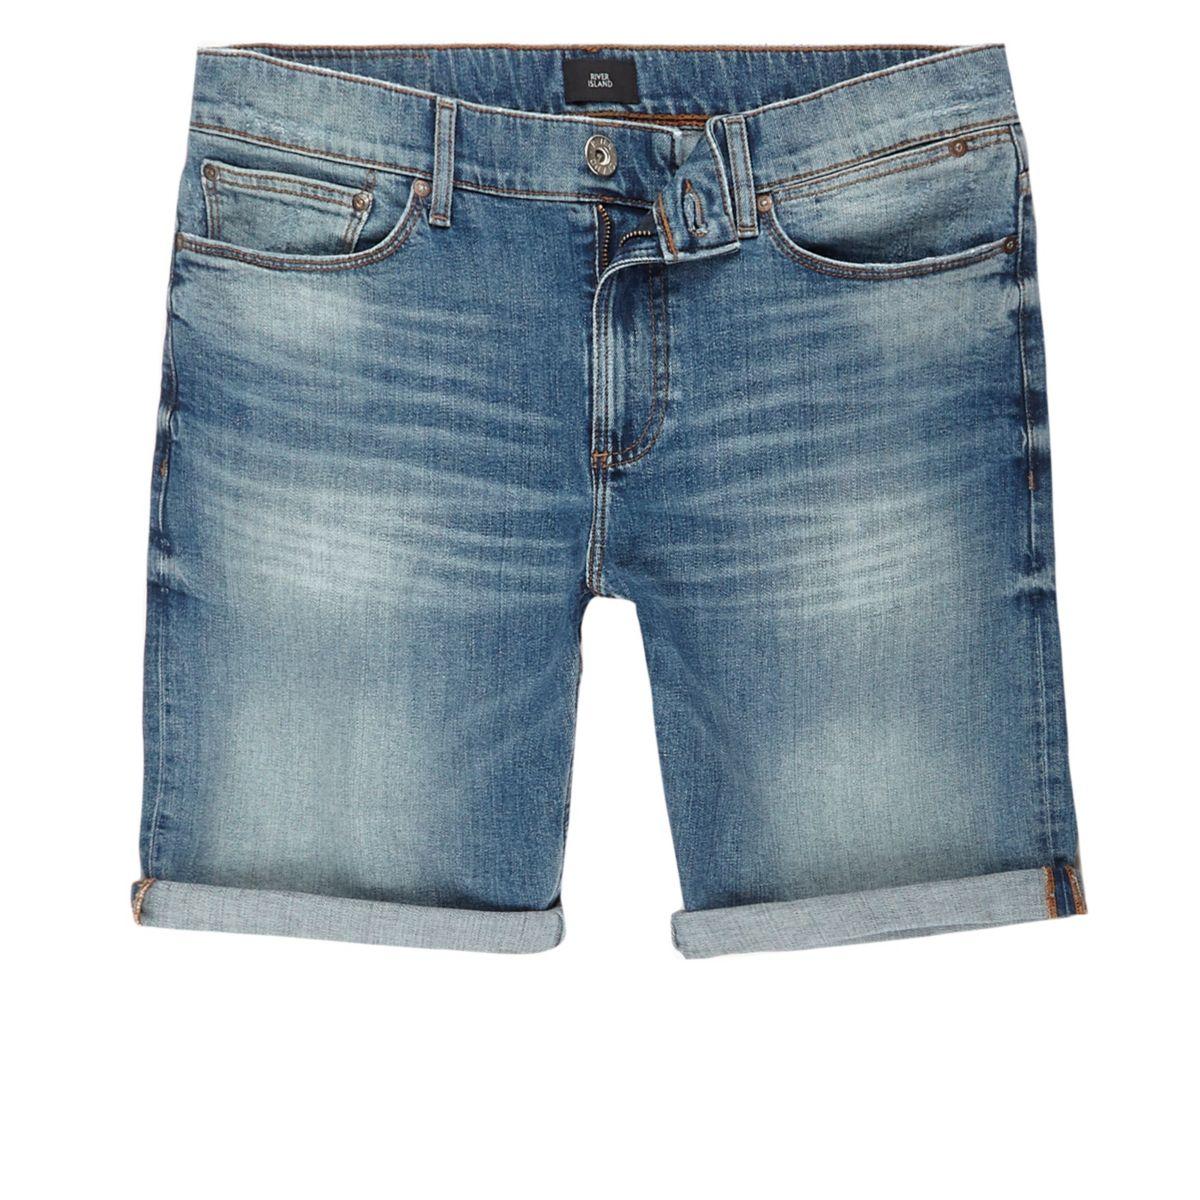 Short en jean skinny bleu et vert